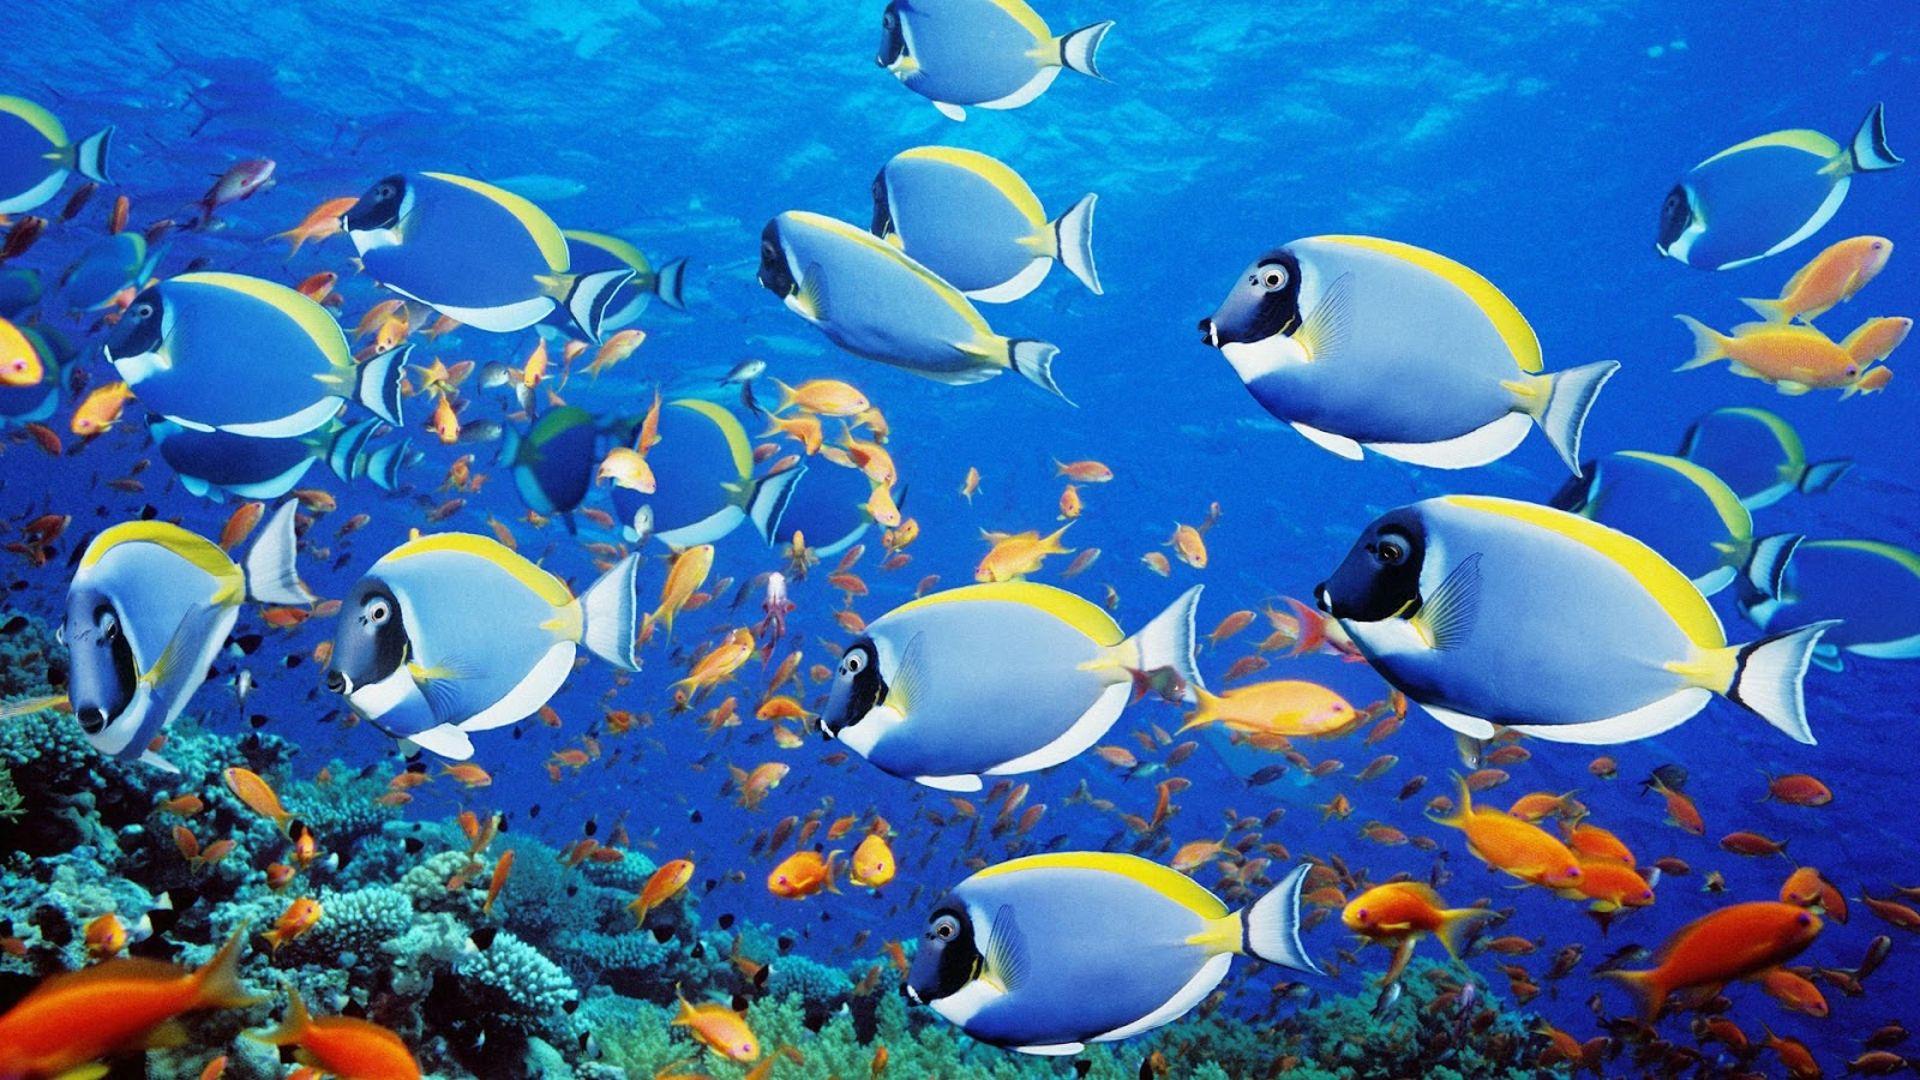 66 Fish Desktop Wallpapers On Wallpapersafari